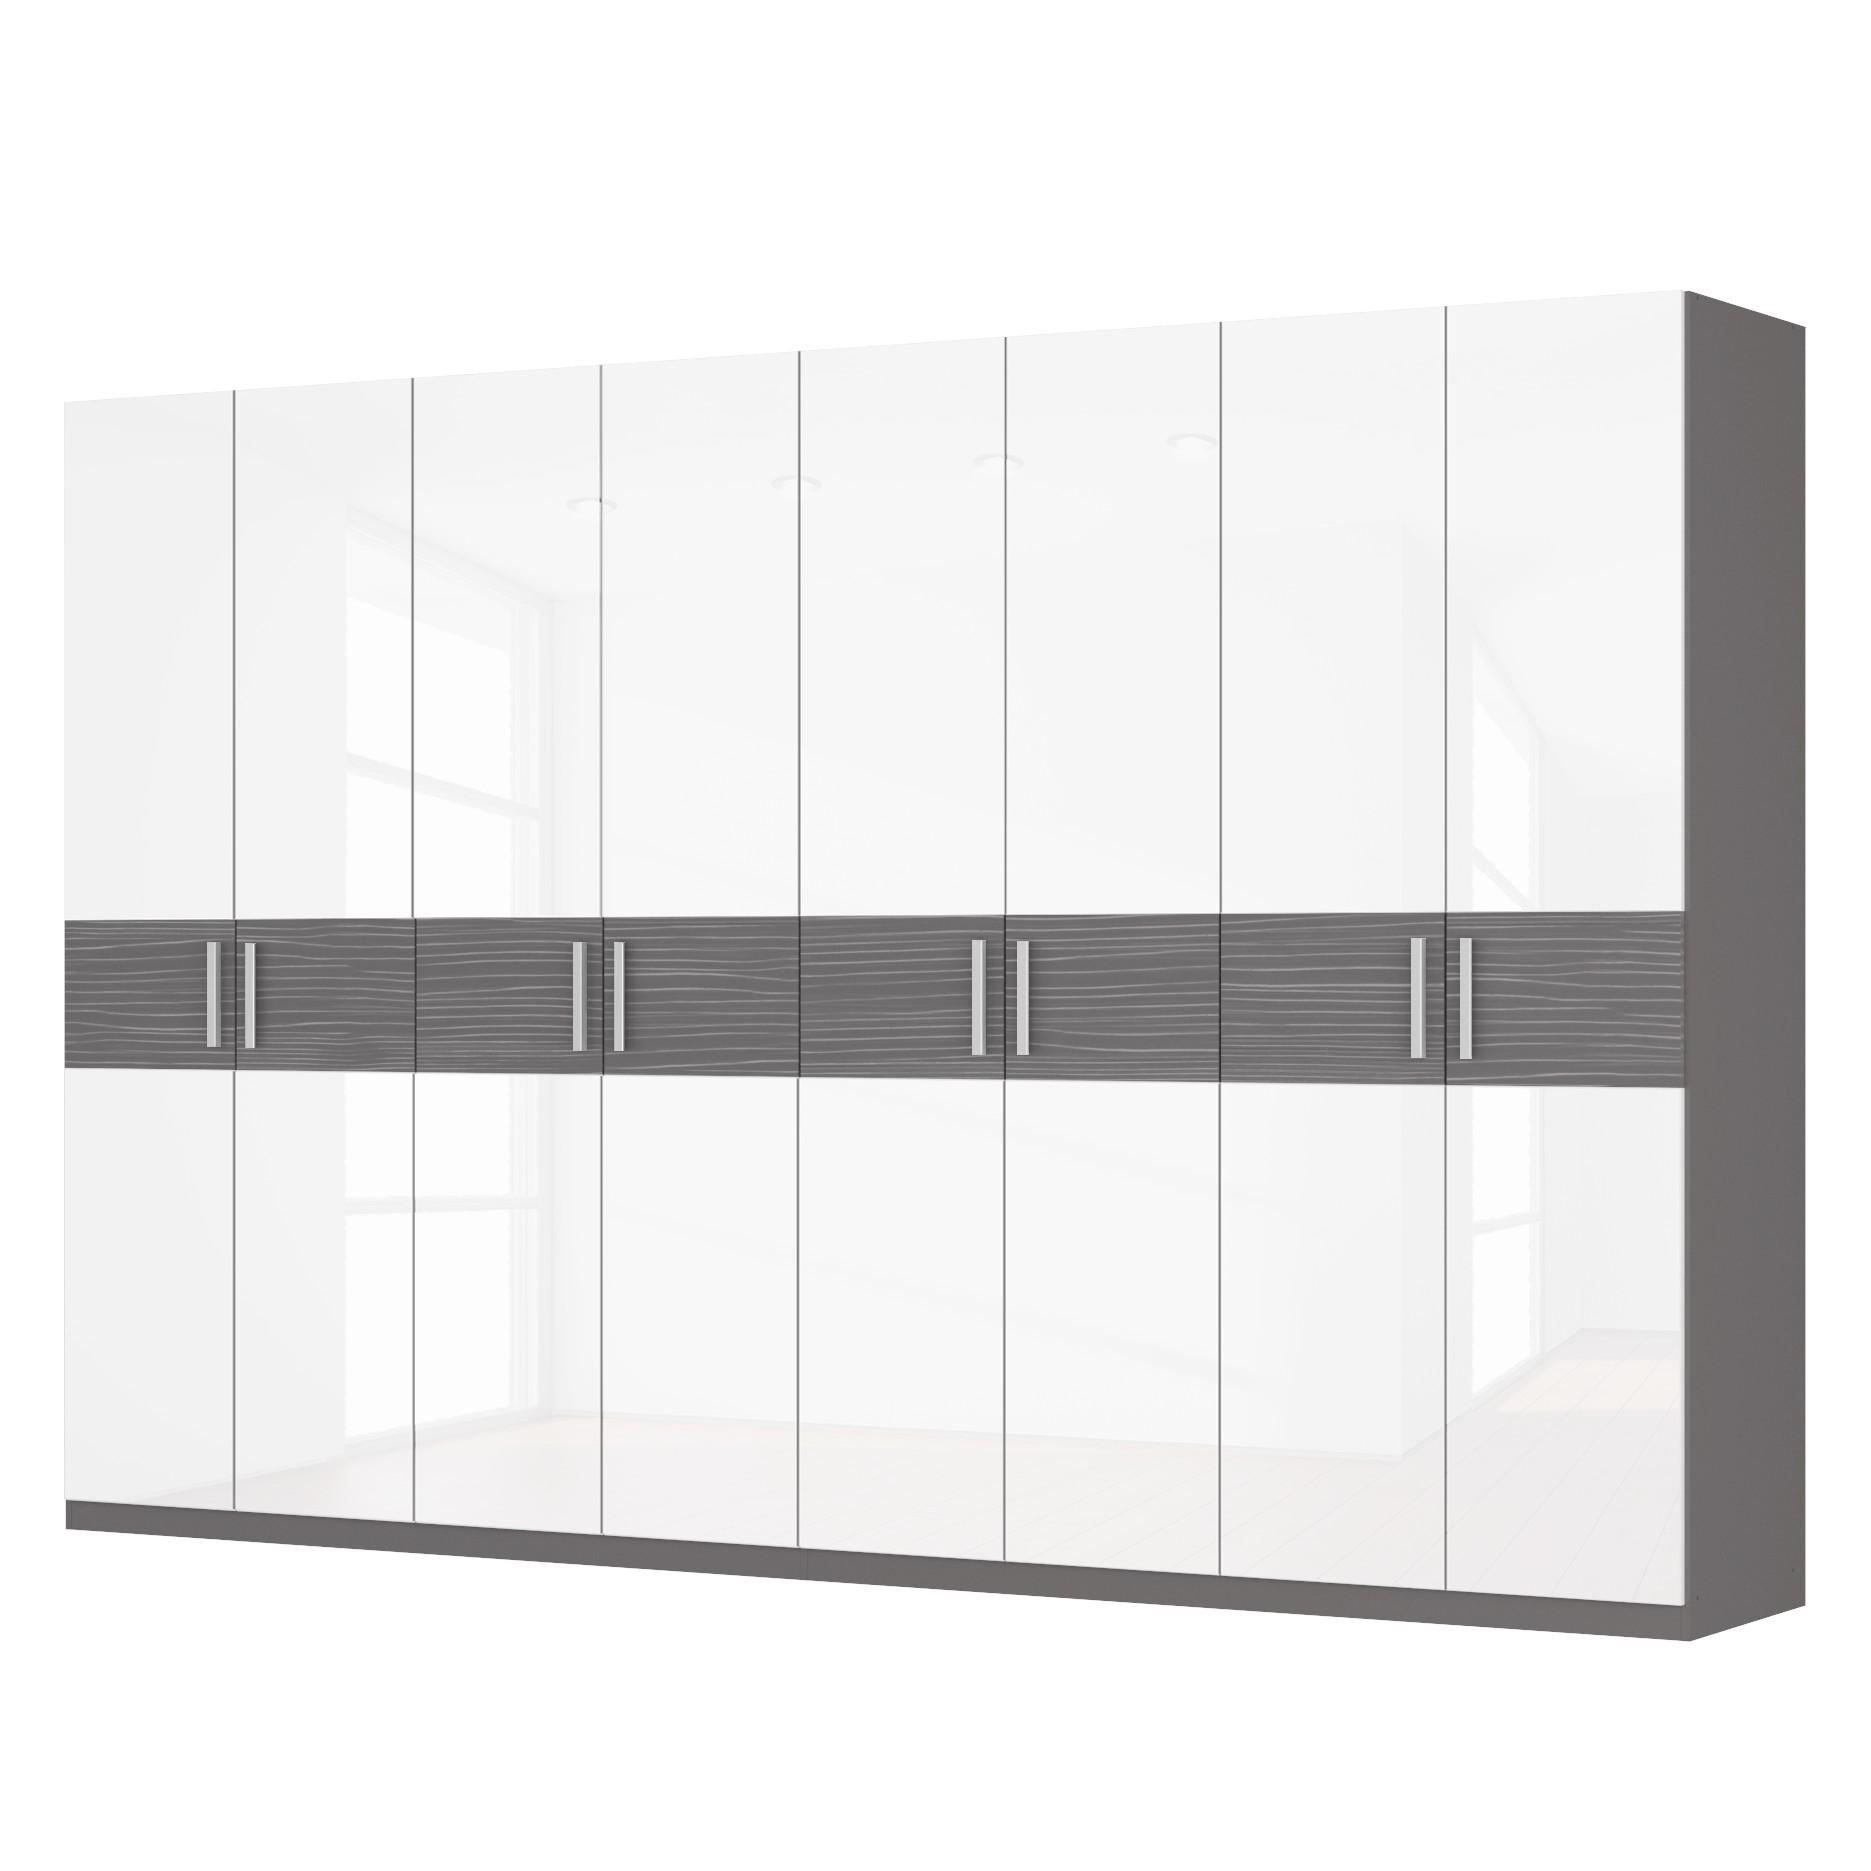 Drehtürenschrank SKØP III – Hochglanz Weiß/ Strukturholz Graphit – 360 cm (8-türig) – 236 cm – Classic, SKØP günstig online kaufen